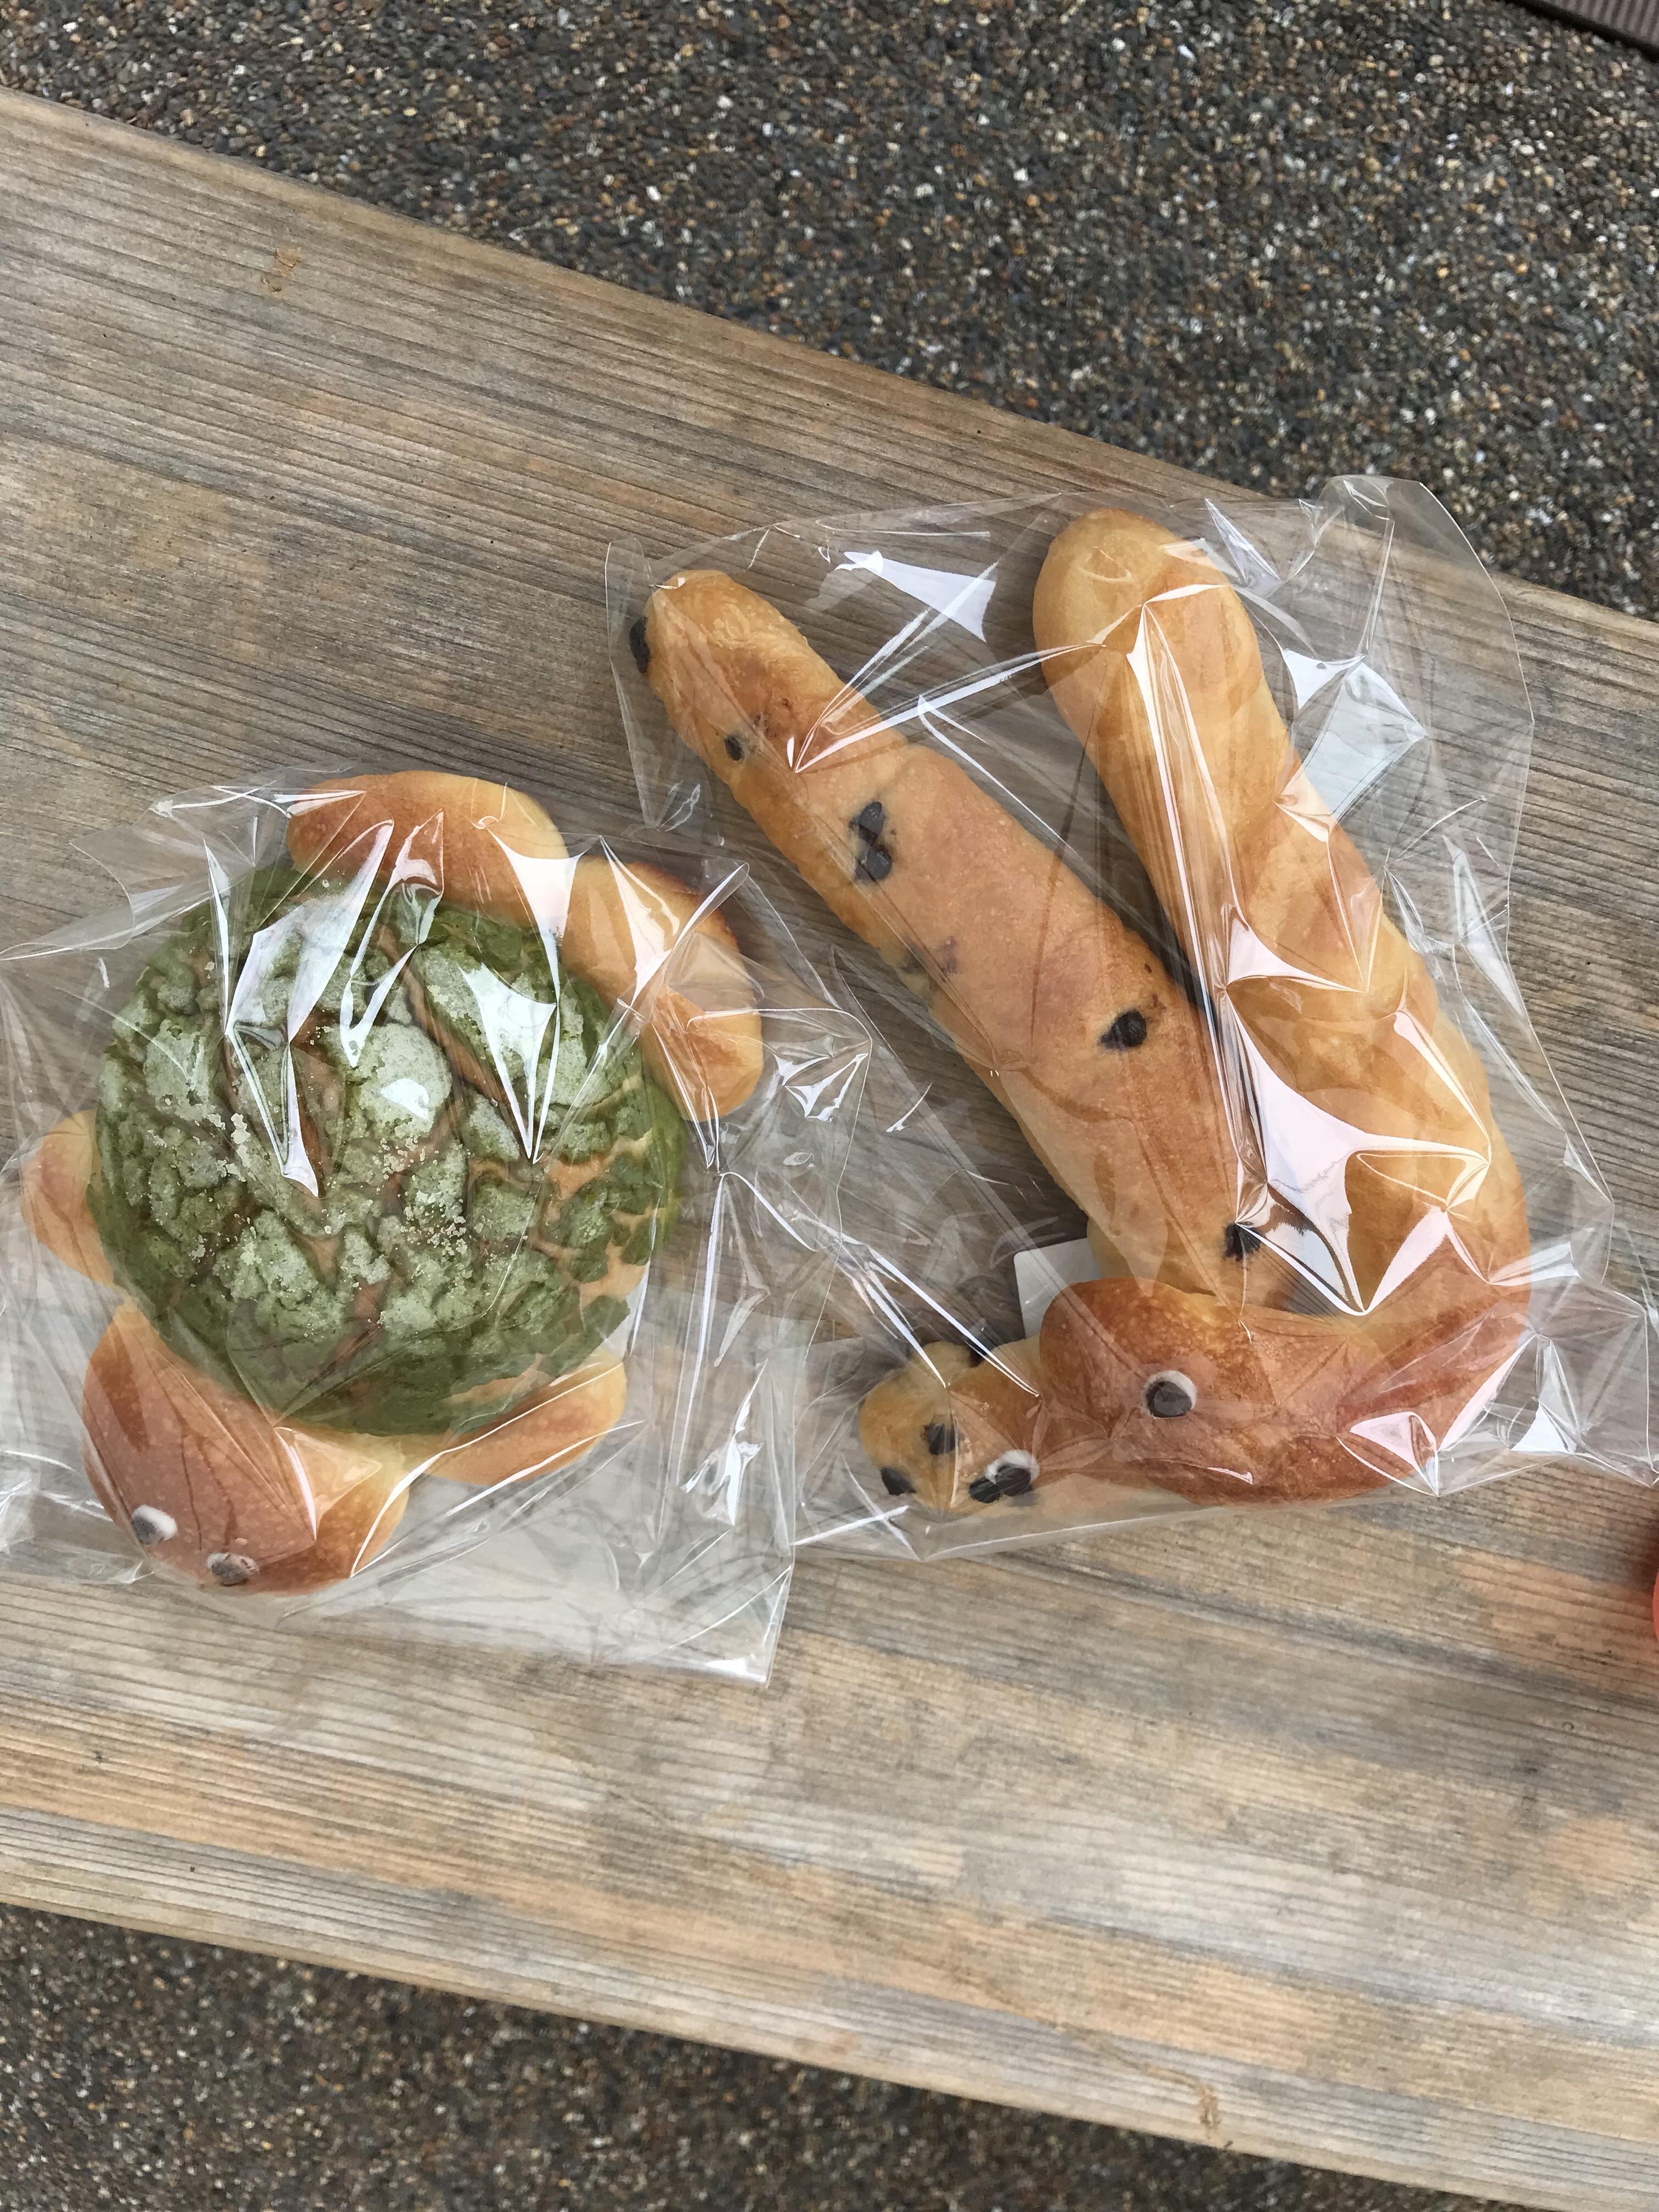 チンアナゴパンと、カメさんのメロンパンを購入。イルカショーの待ち時間に食す。